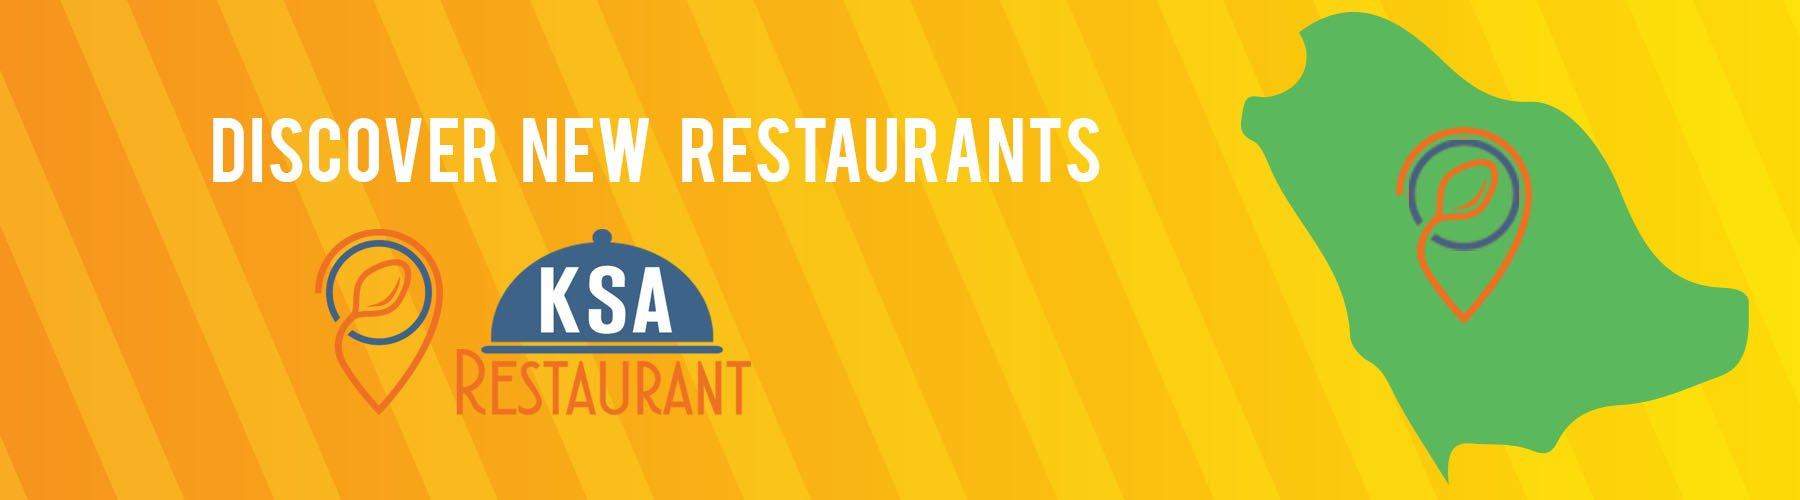 Discover new restaurants in Saudi Arabia.